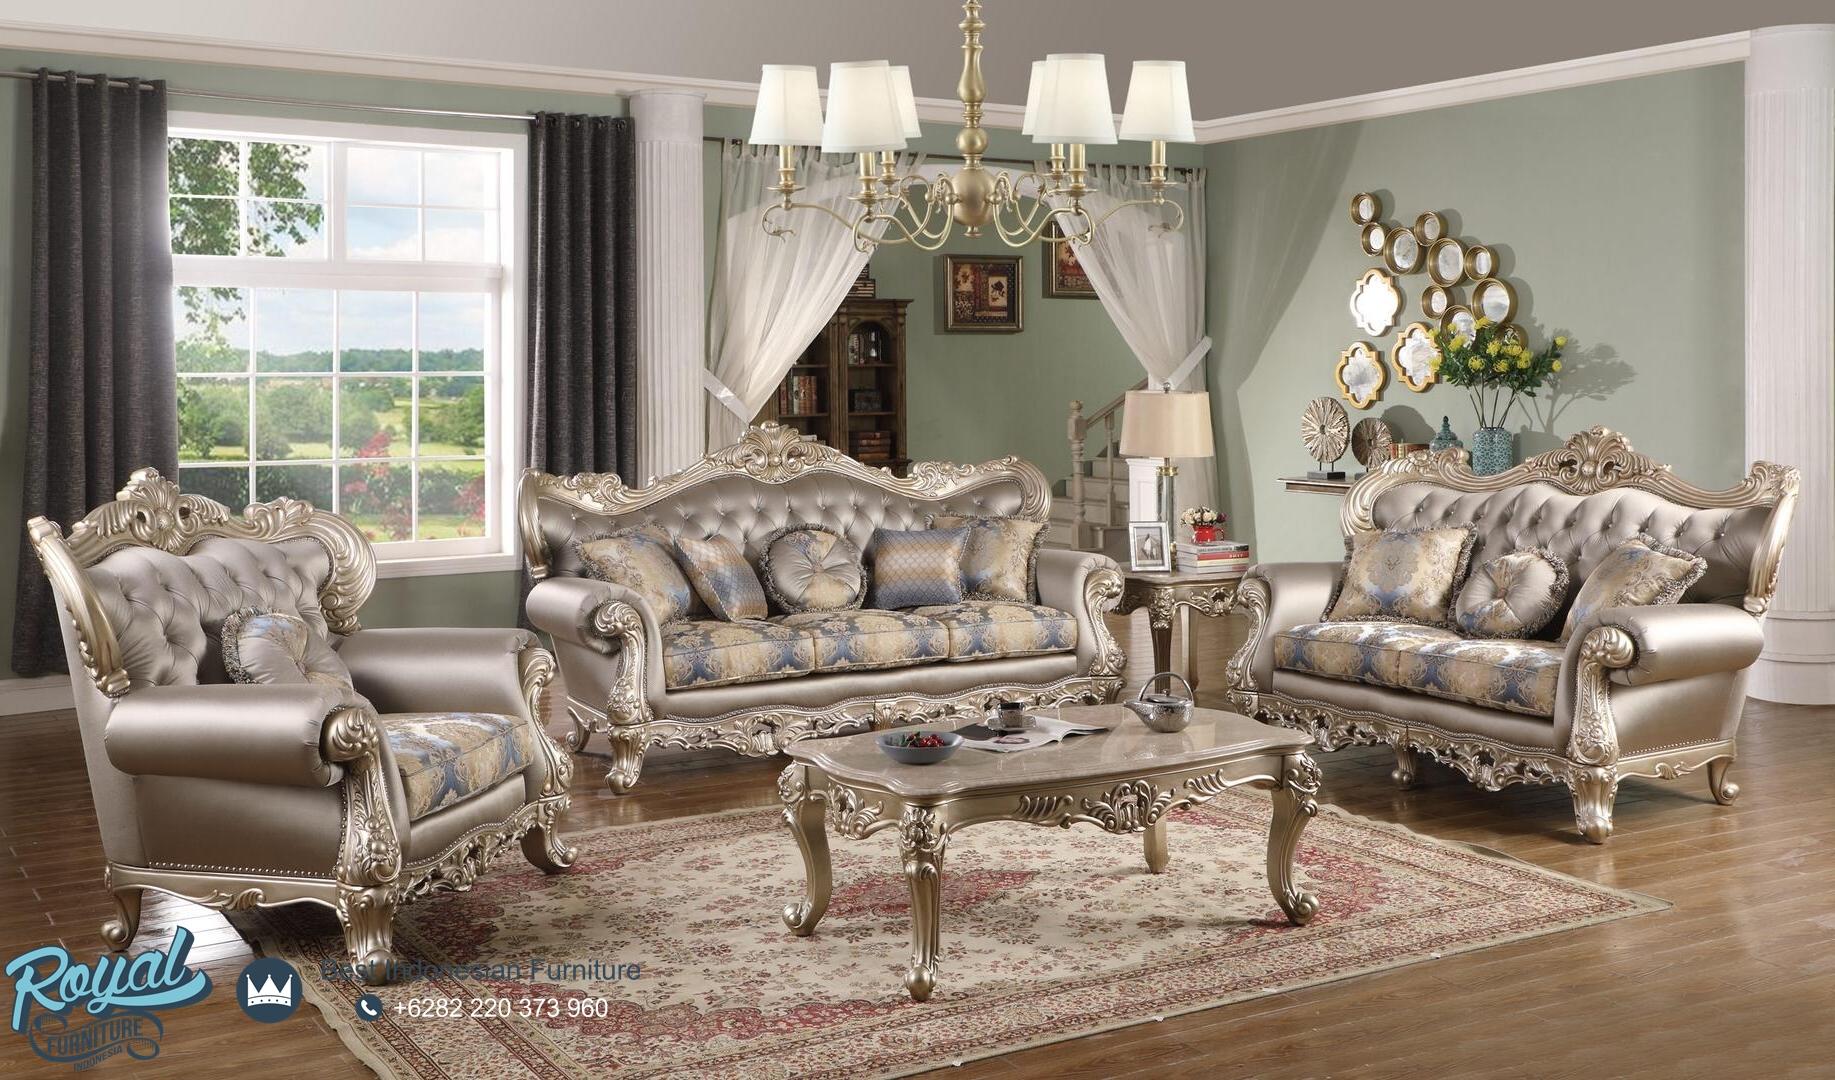 Model Sofa Tamu Mewah Ukiran Klasik Jepara Ariel Gold, sofa ukiran jepara, harga kursi sofa jepara, kursi tamu sofa jepara, sofa tamu klasik minimalis, sofa tamu klasik modern, sofa tamu klasik mewah, harga sofa klasik modern, sofa ruang tamu mewah modern, harga sofa tamu tamu jati jepara, sofa mewah minimalis, sofa tamu jepara terbaru 2020, sofa tamu kayu jati ukir, sofa tamu mewah terbaru, sofa tamu mewah klasik, sofa tamu mewah ukiran, sofa tamu mewah asli jepara, sofa ruang tamu mewah modern, kursi sofa tamu mewah, model sofa tamu modern warna putih, desain sofa ruang tamu klasik minimalis, sofa tamu mewah terbaru, sofa tamu mewah kulit asli, sofa jati terbaru, sofa jati jepara terbaru, sofa jati klasik, sofa tamu klasik eropa jati, gambar kursi tamu mewah terbaik, mebel jepara, furniture jepara, royal furniture